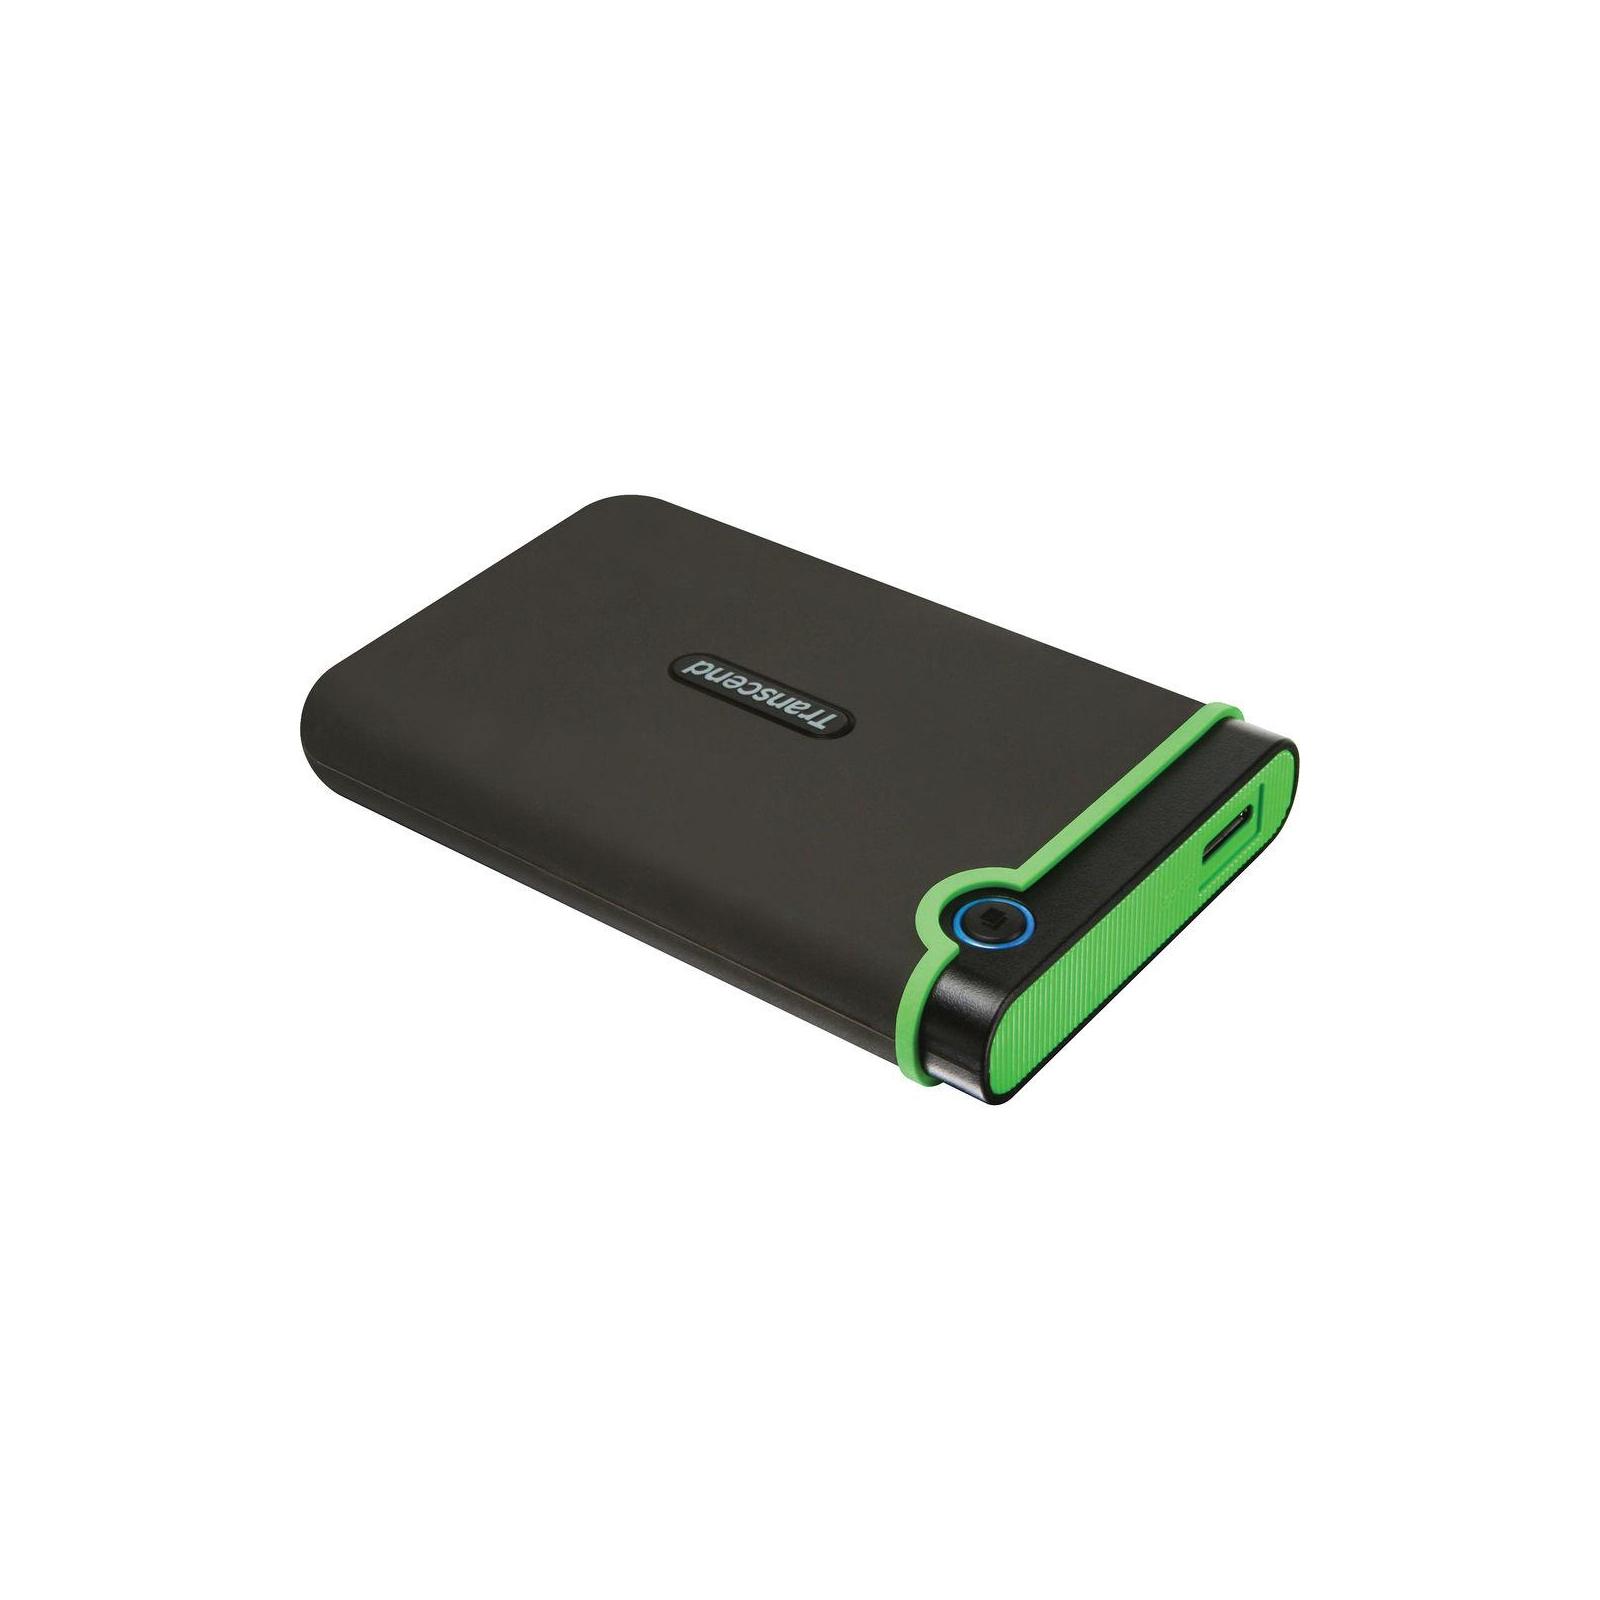 """Внешний жесткий диск 2.5"""" 500GB Transcend (TS500GSJ25M3S) изображение 3"""